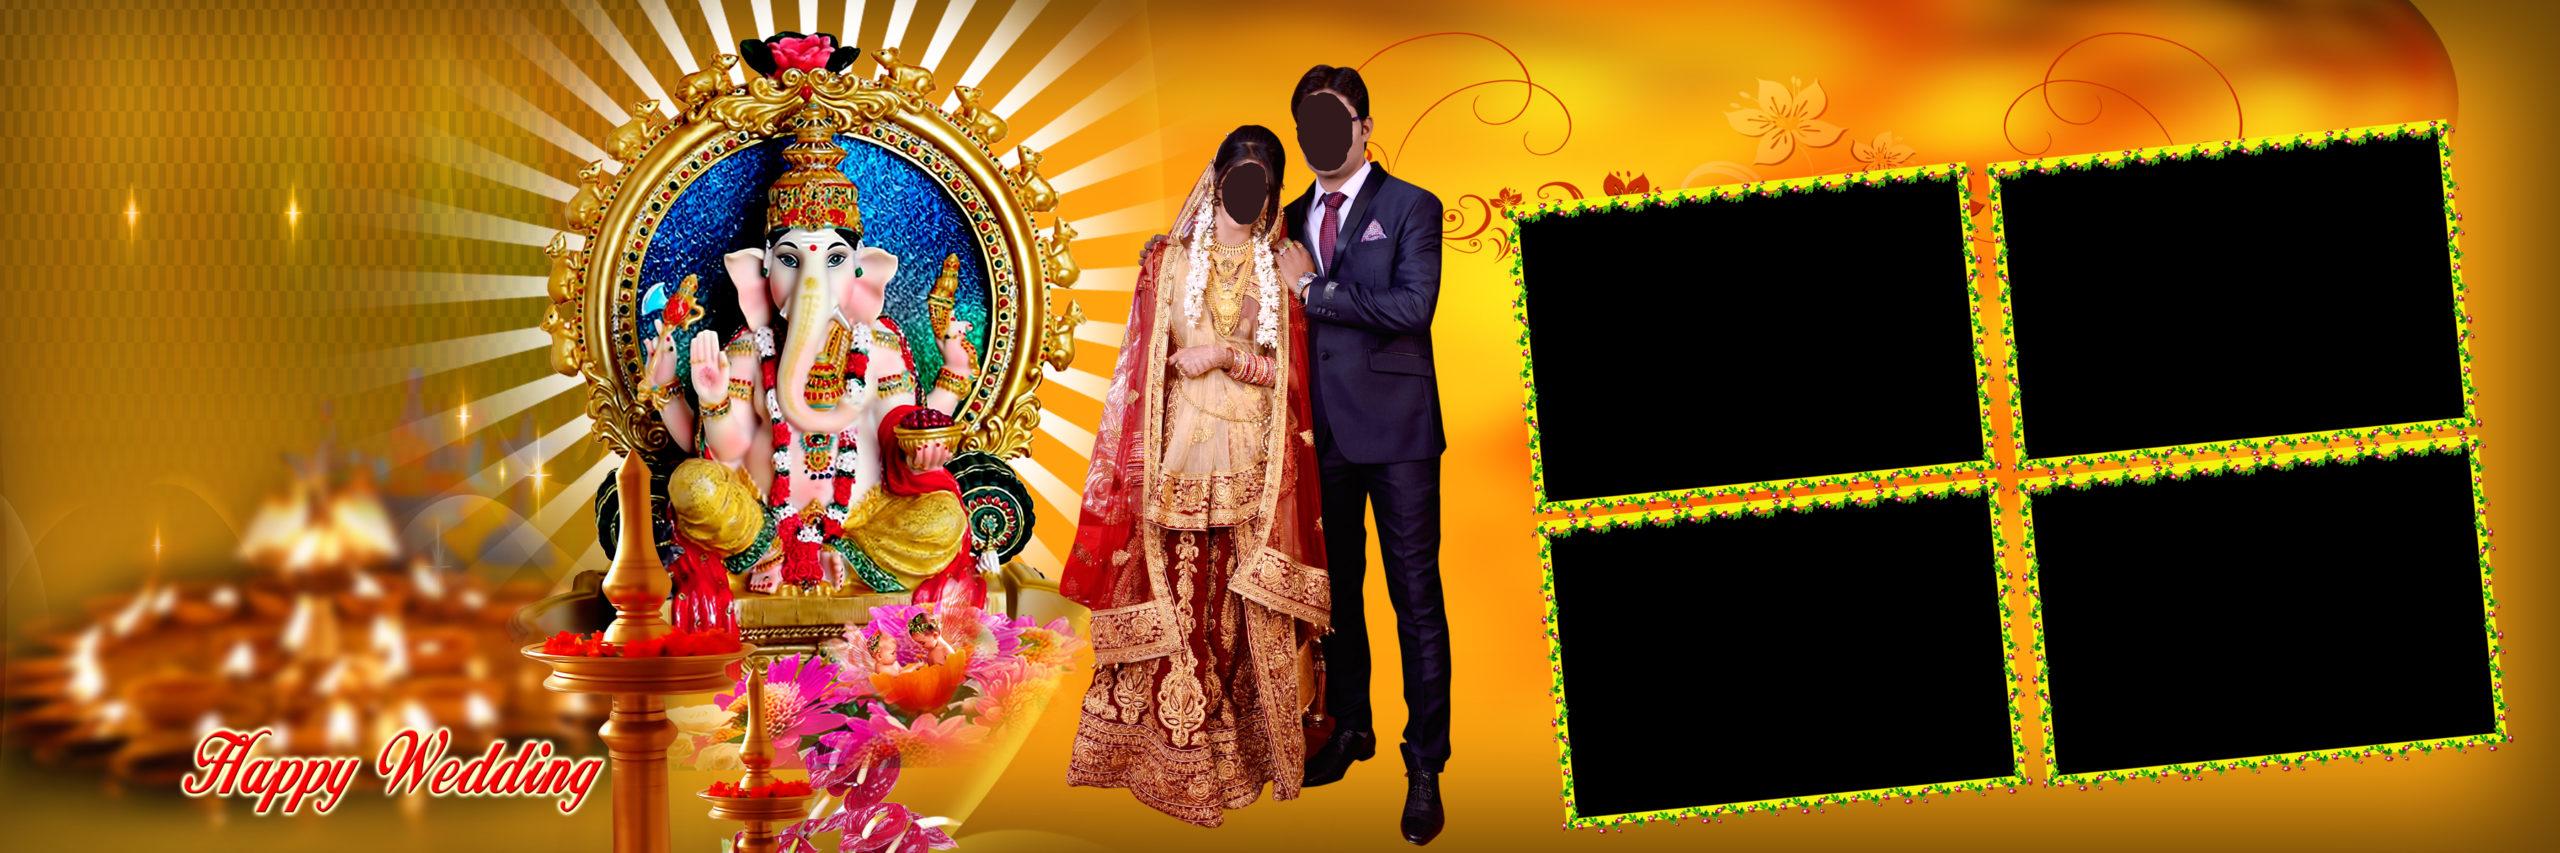 Album Design 12x36 Psd Wedding Background Free Download 2019